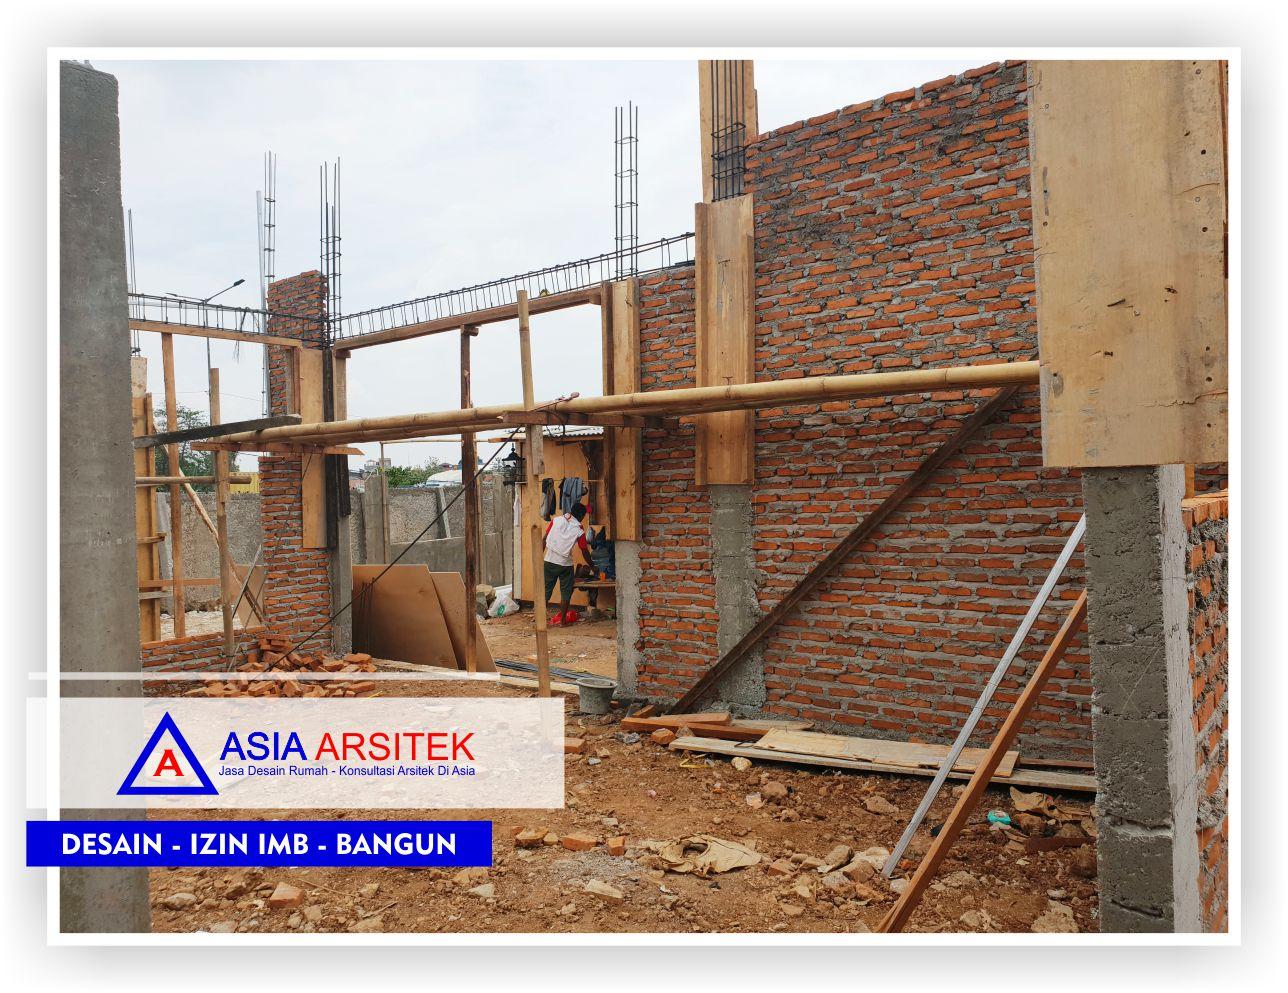 Proses-pembuatan-kontruksi dinding